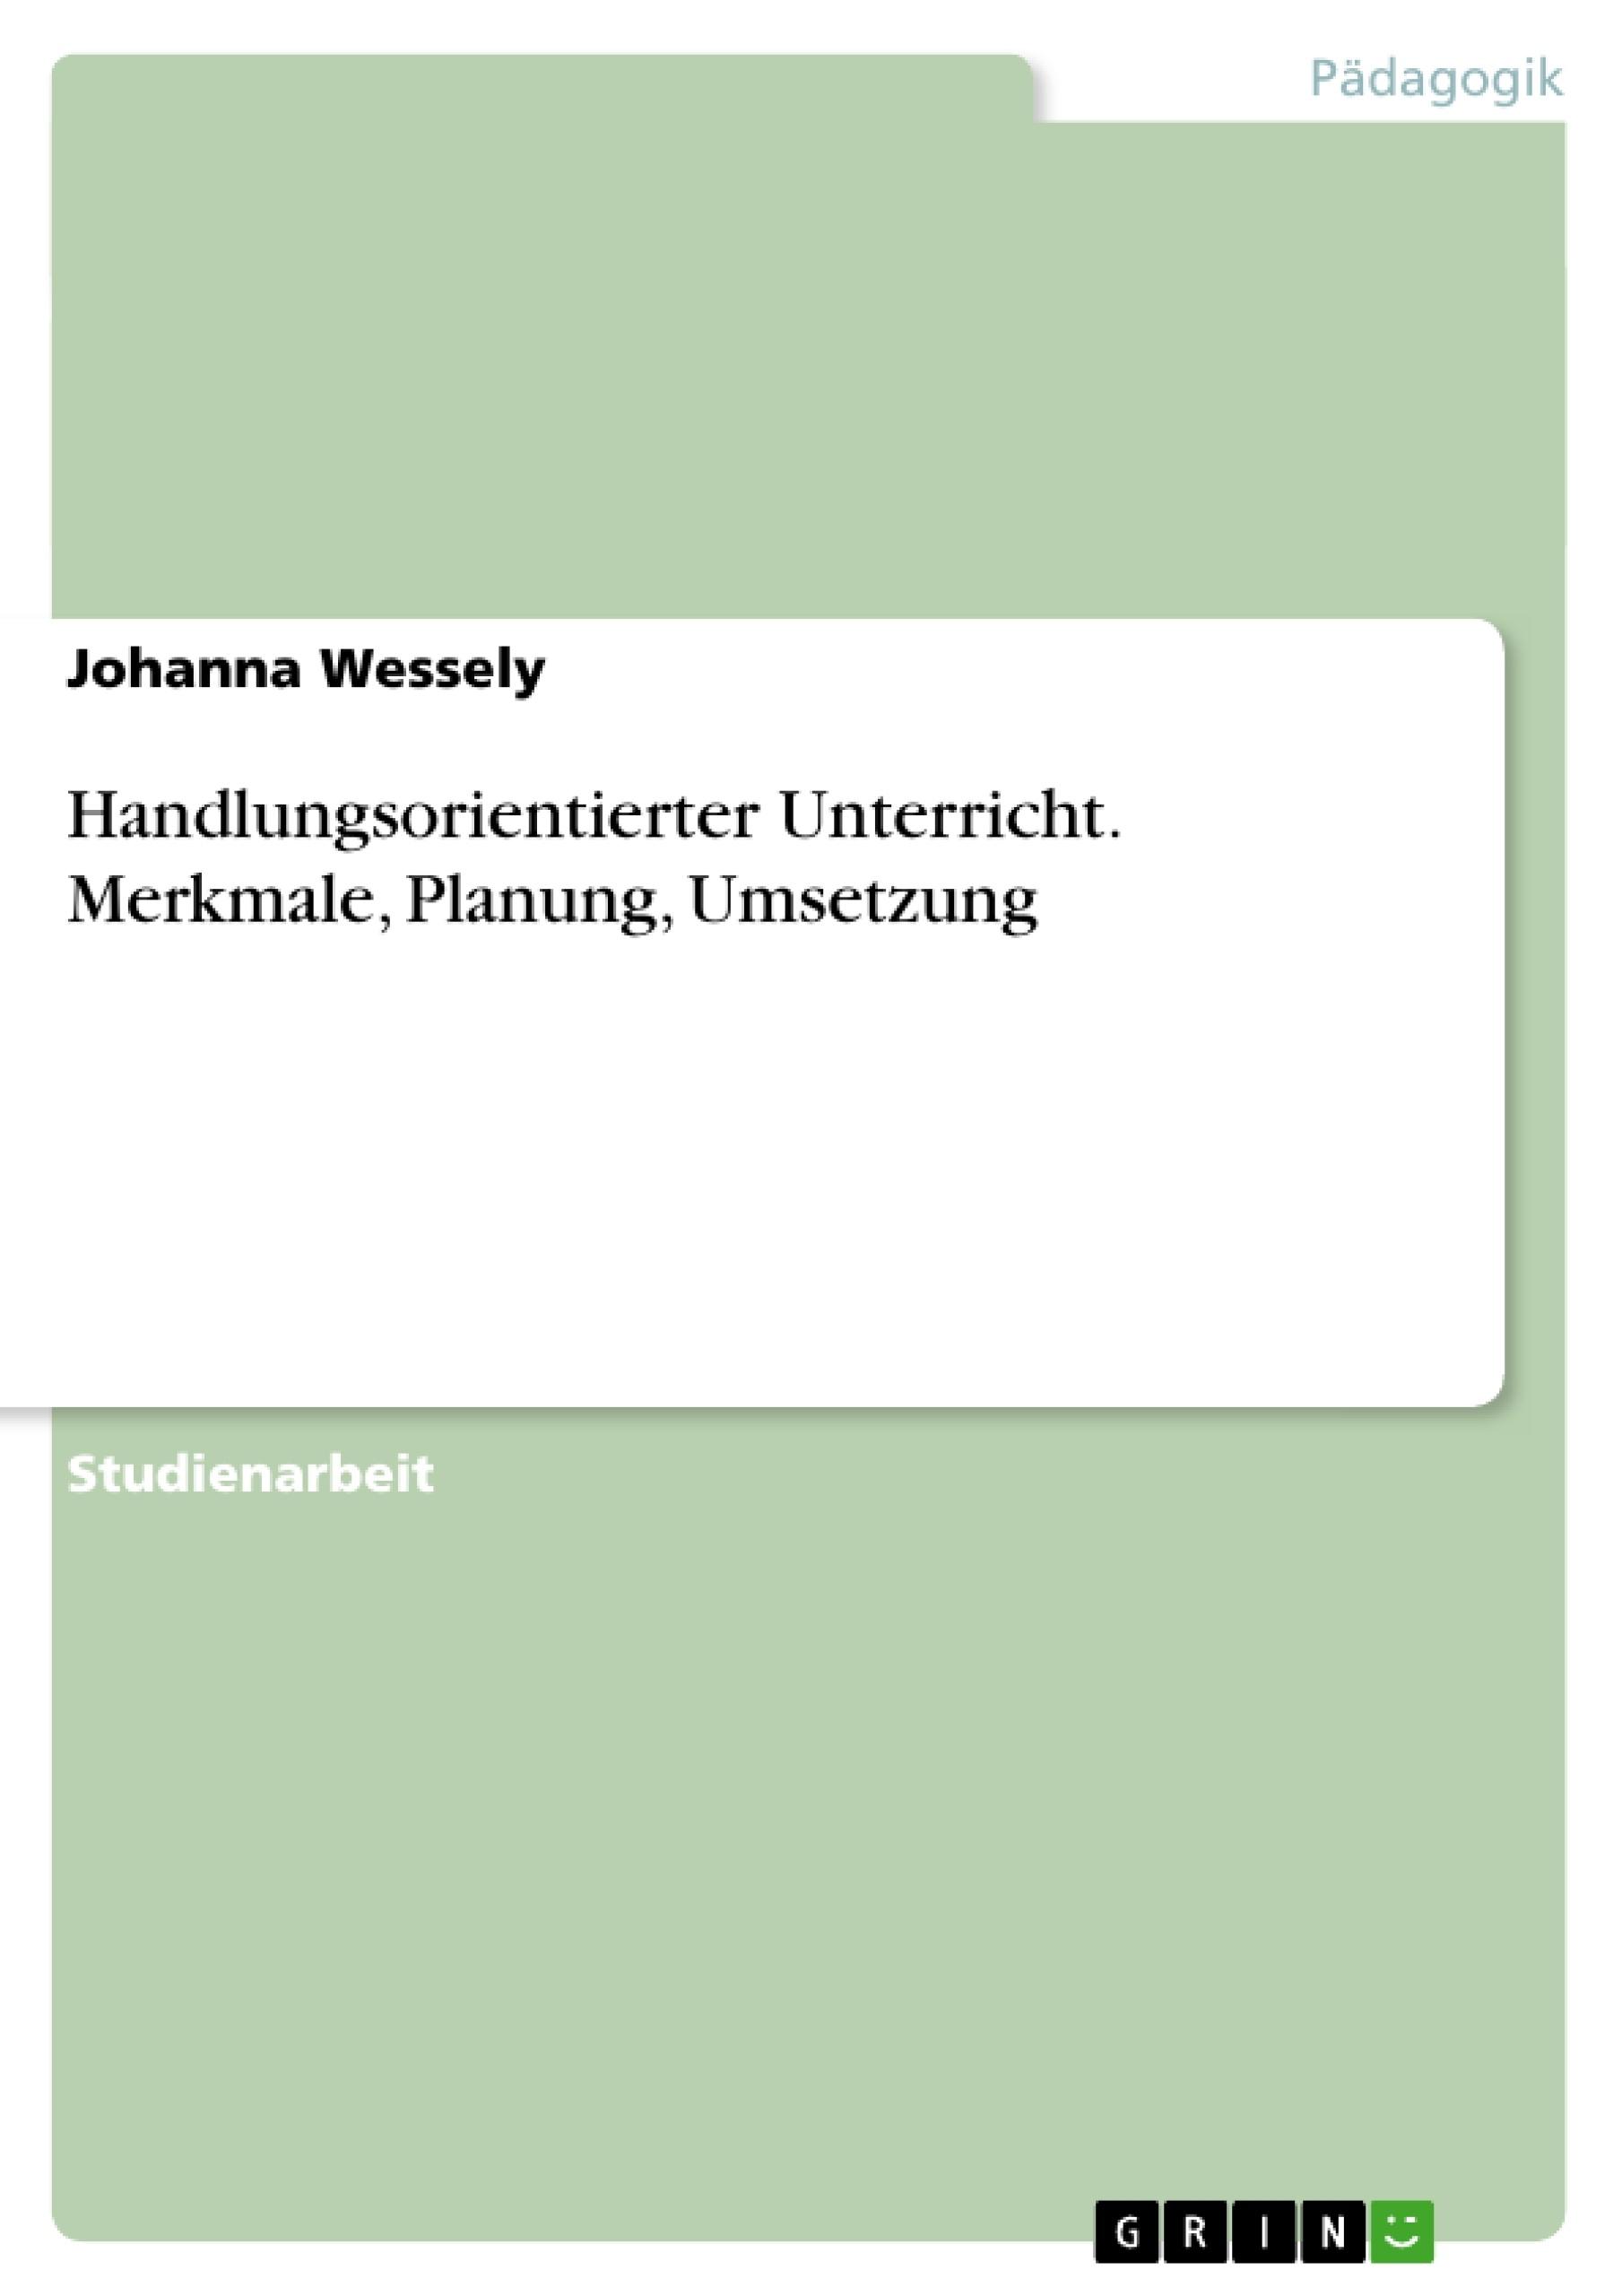 Titel: Handlungsorientierter Unterricht. Merkmale, Planung, Umsetzung